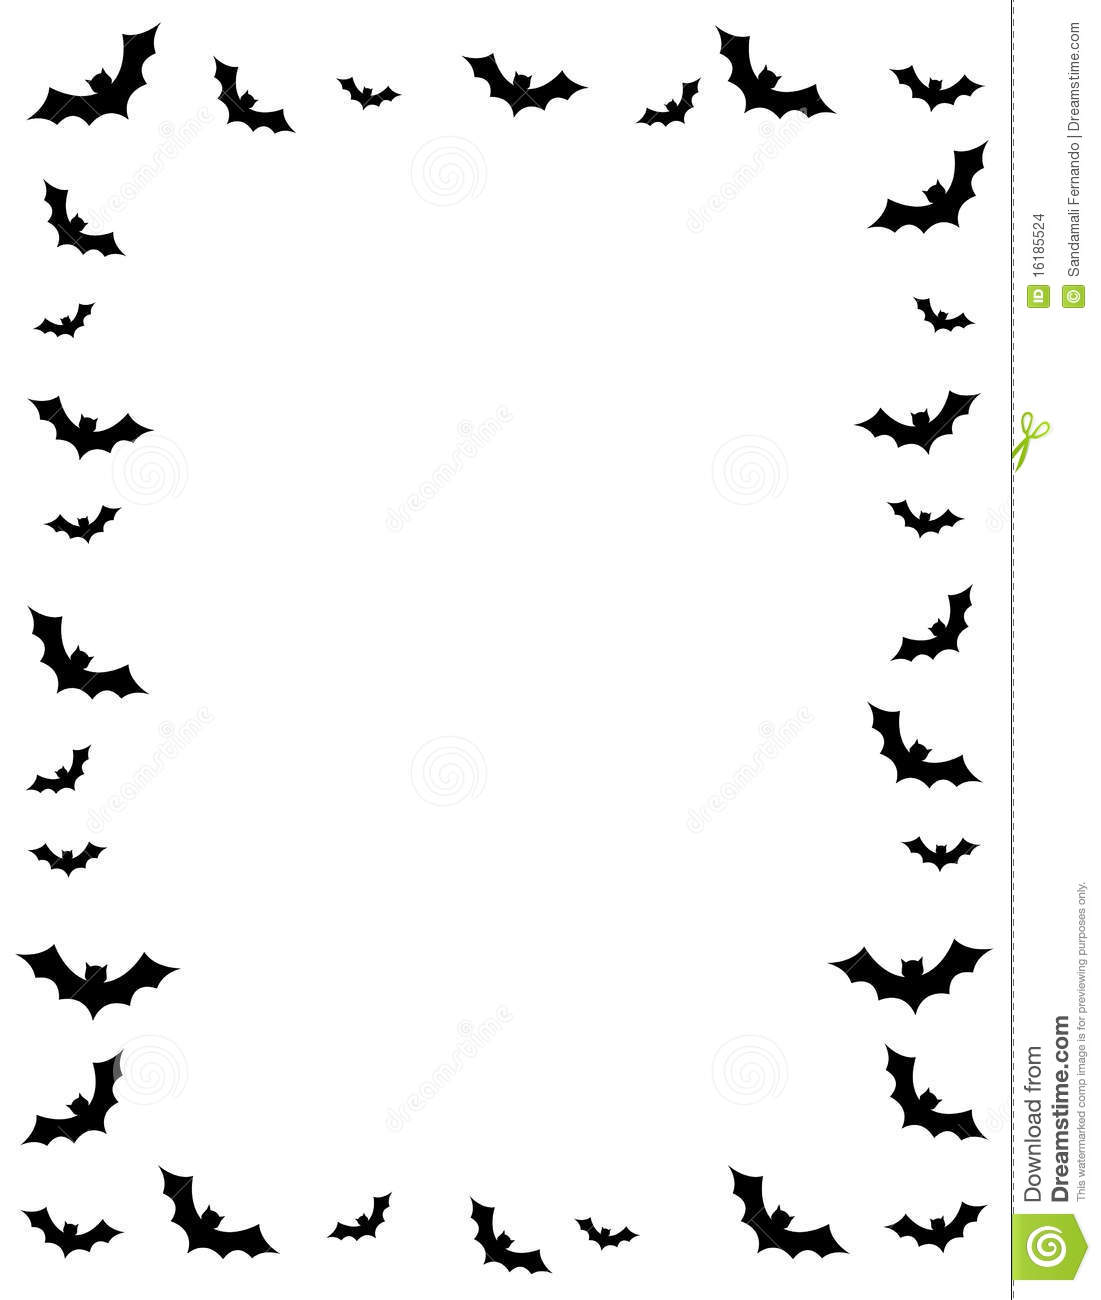 1101x1300 Halloween Border Black And White Photo Album